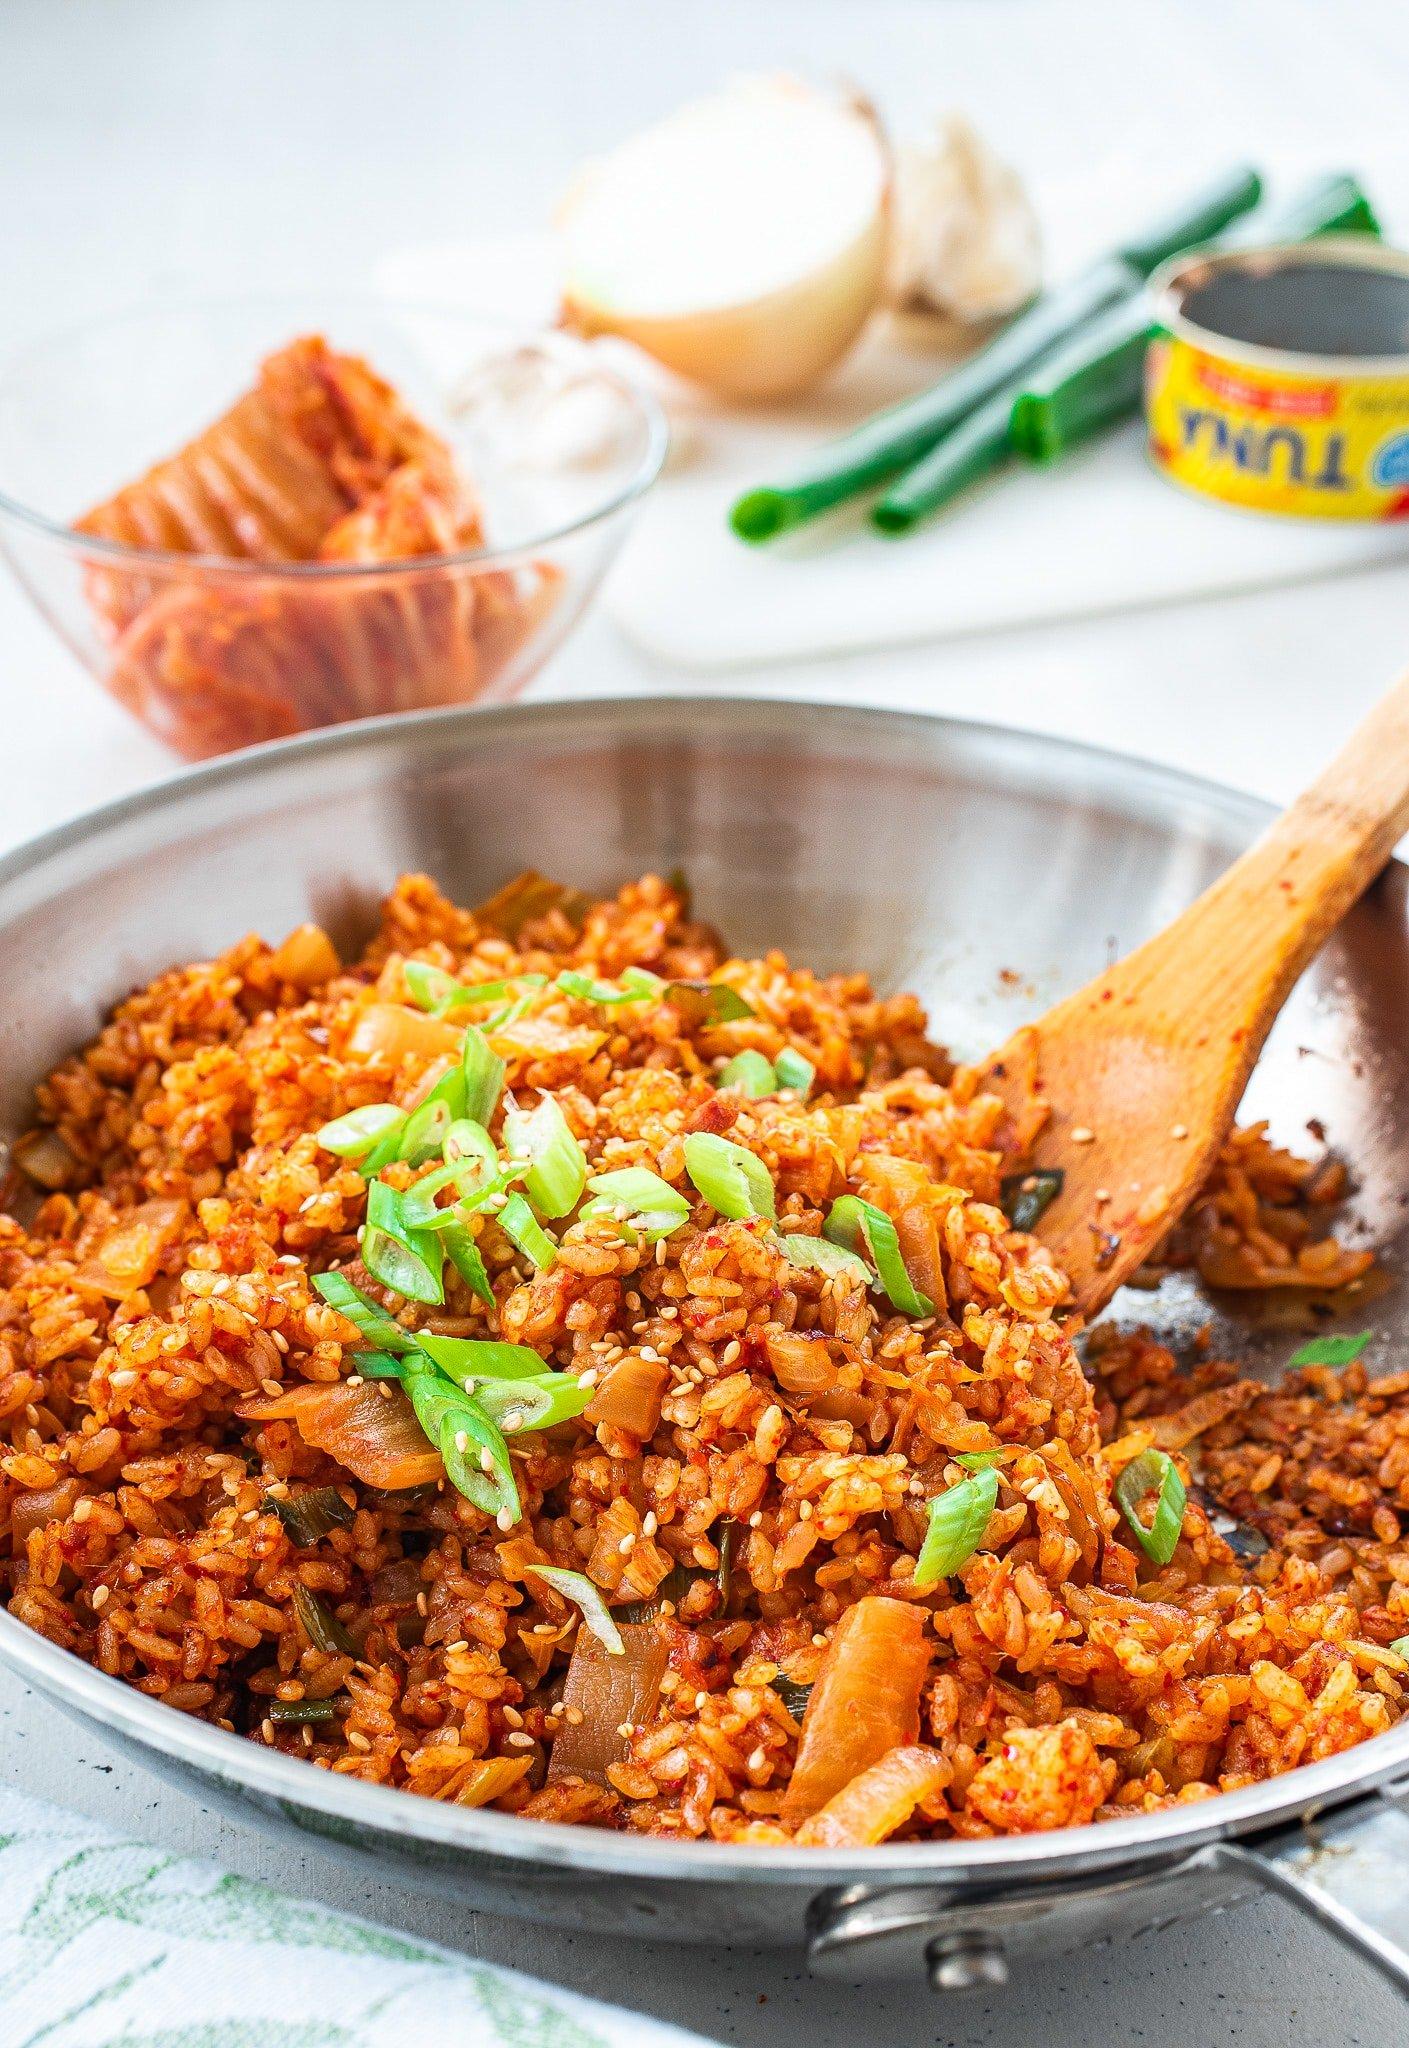 DSC6052 4 - Kimchi Fried Rice (Kimchi Bokkeum Bap)